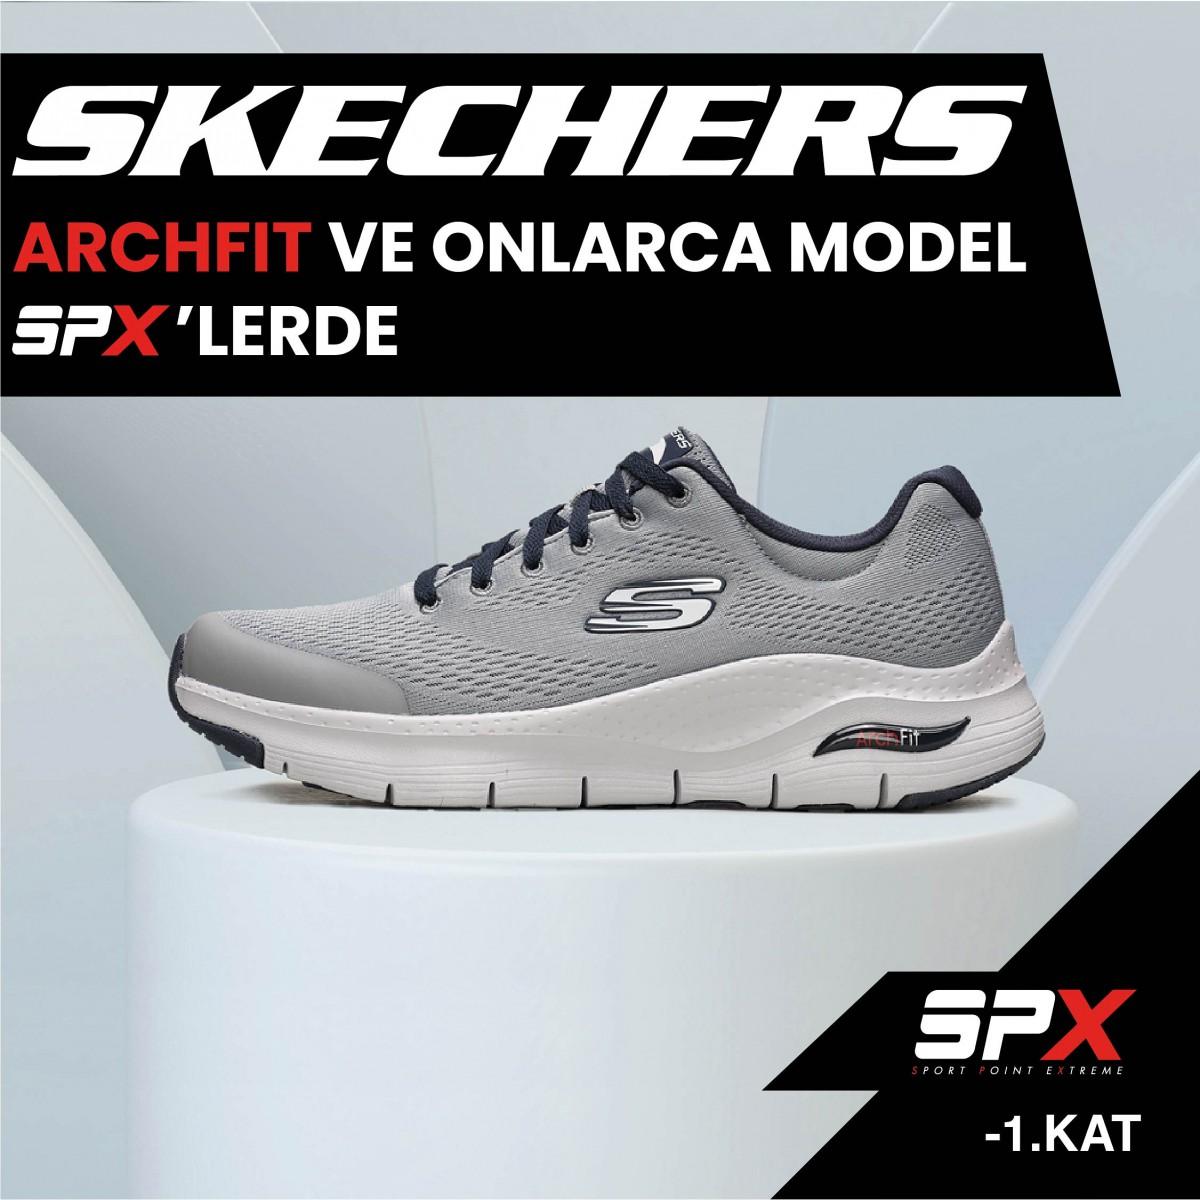 Sketchers Artchfit Ve Onlarca Model SPX'de